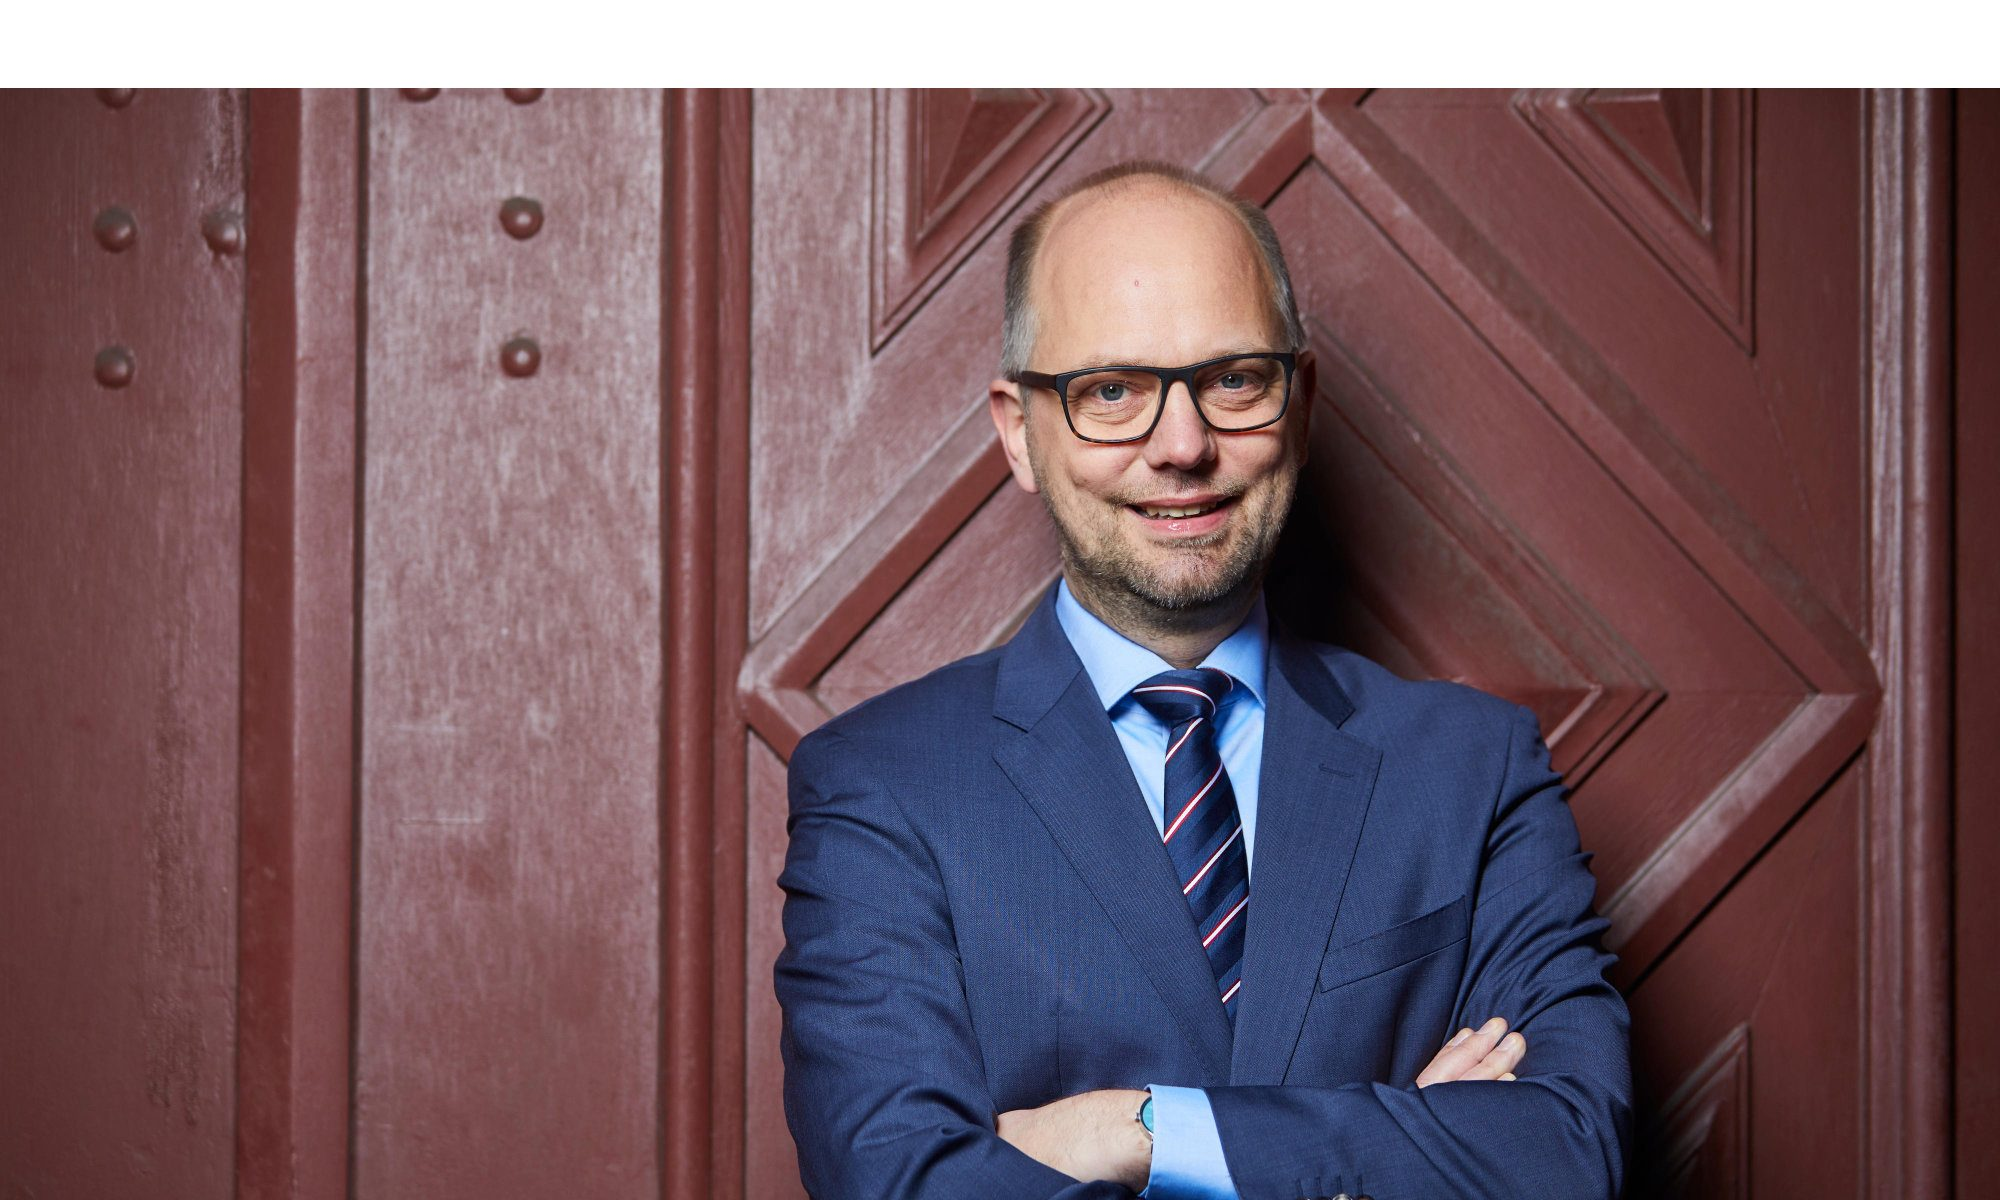 Dr. Till Steffen